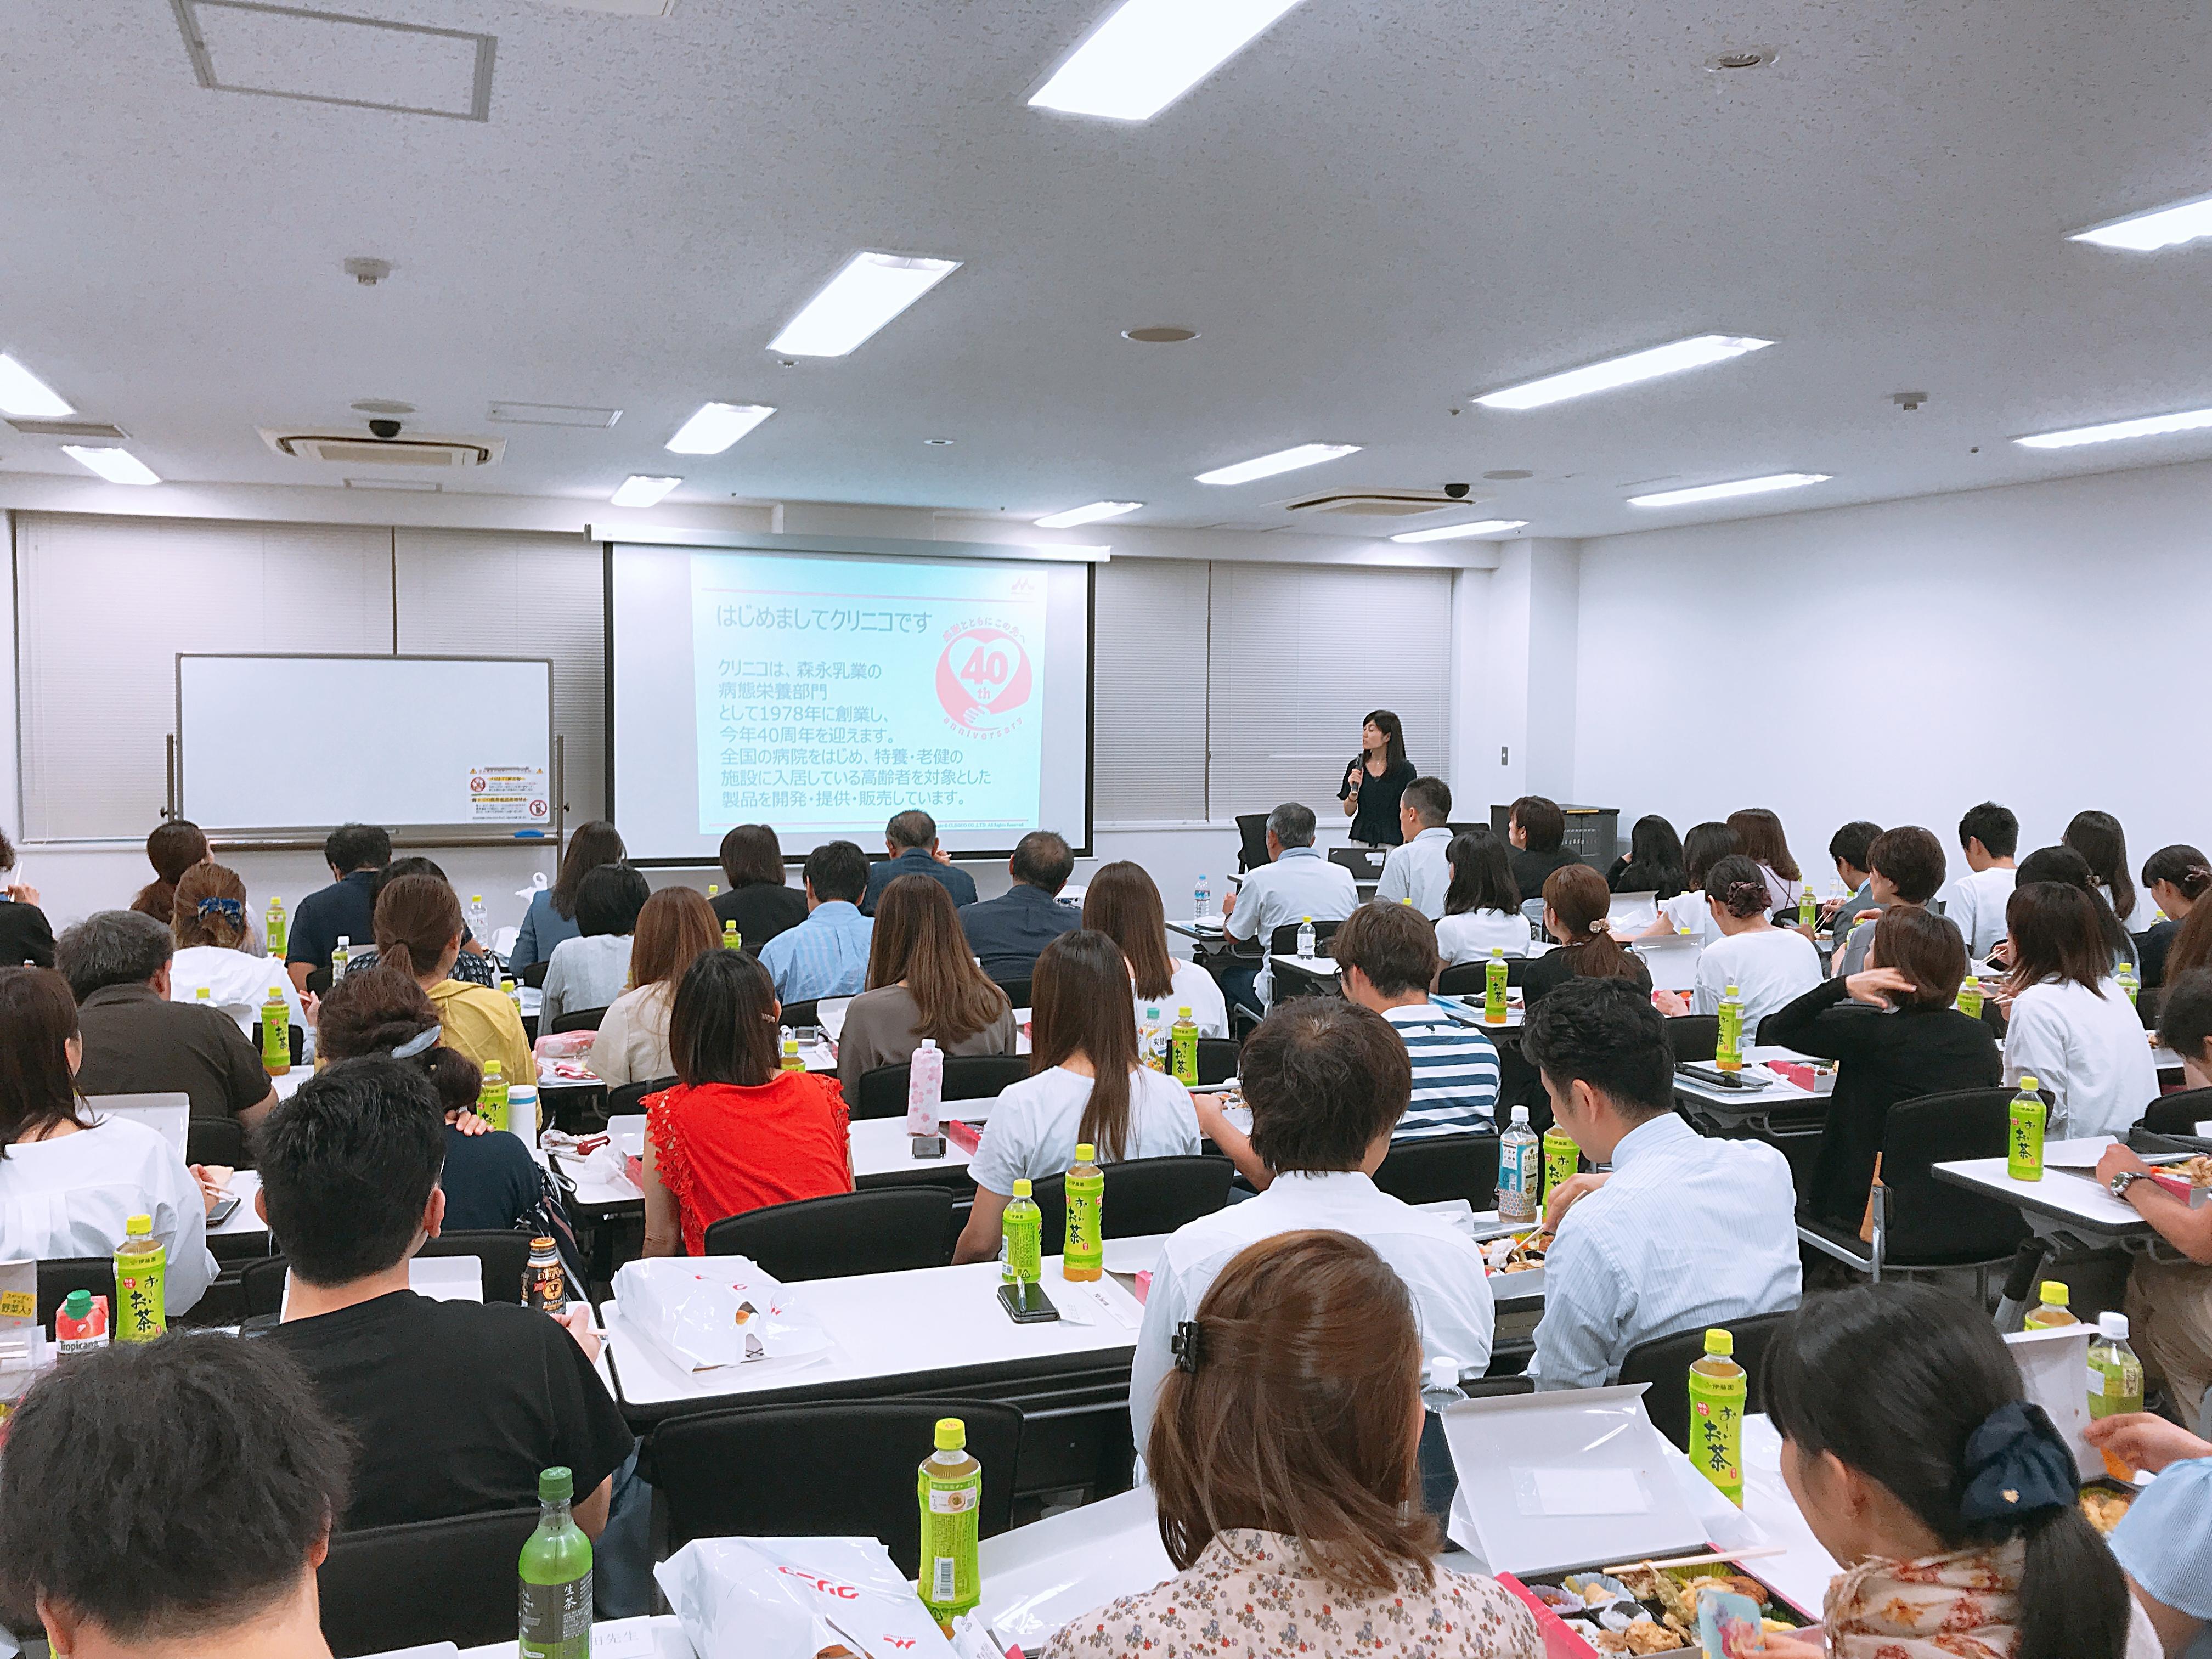 2018.7.22キョタシン大阪⑤.JPG